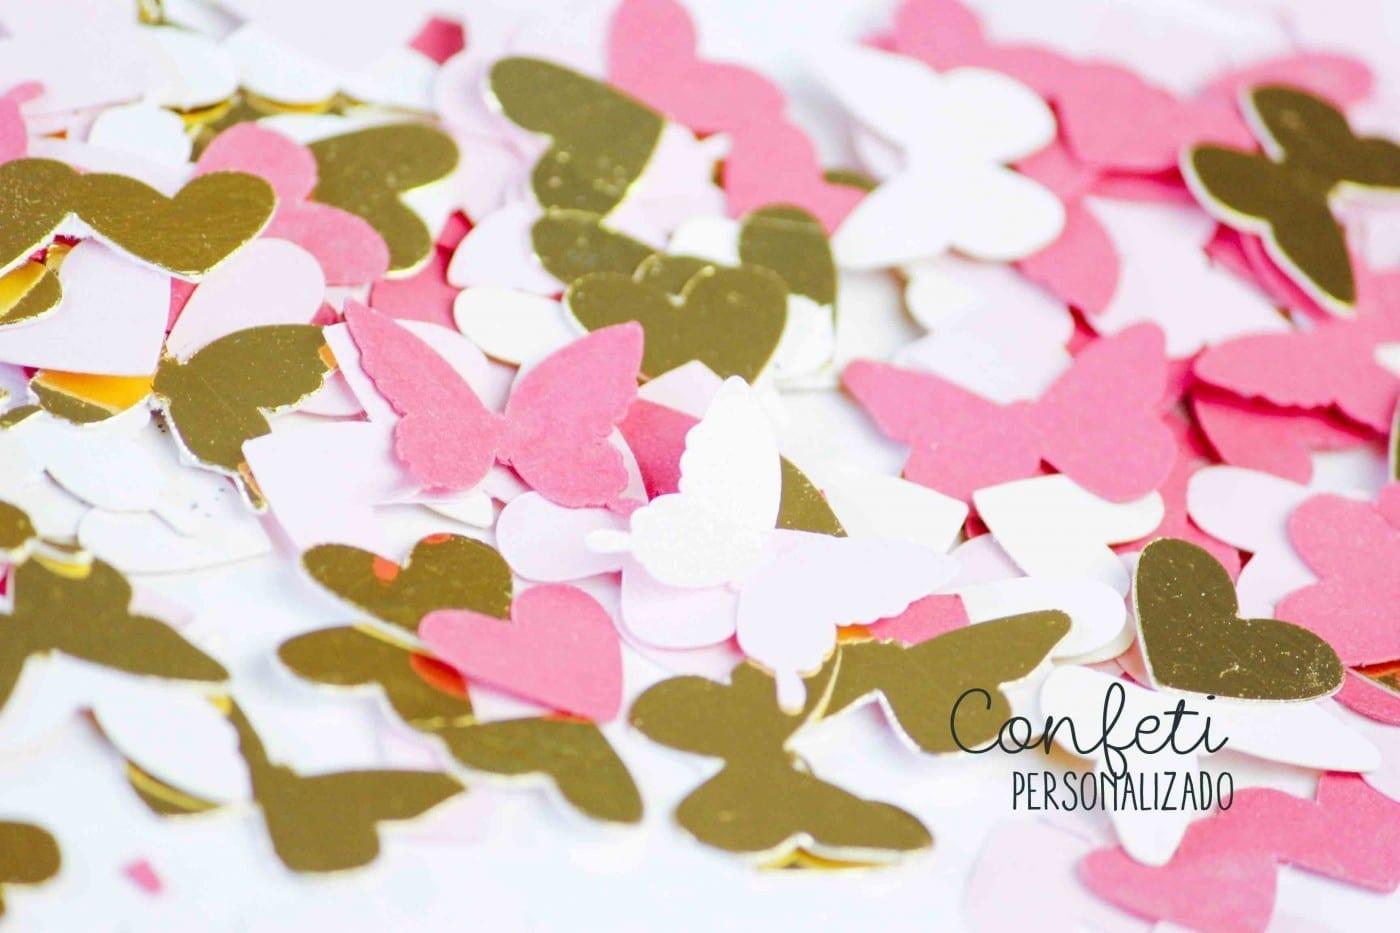 confeti personalizado bodas